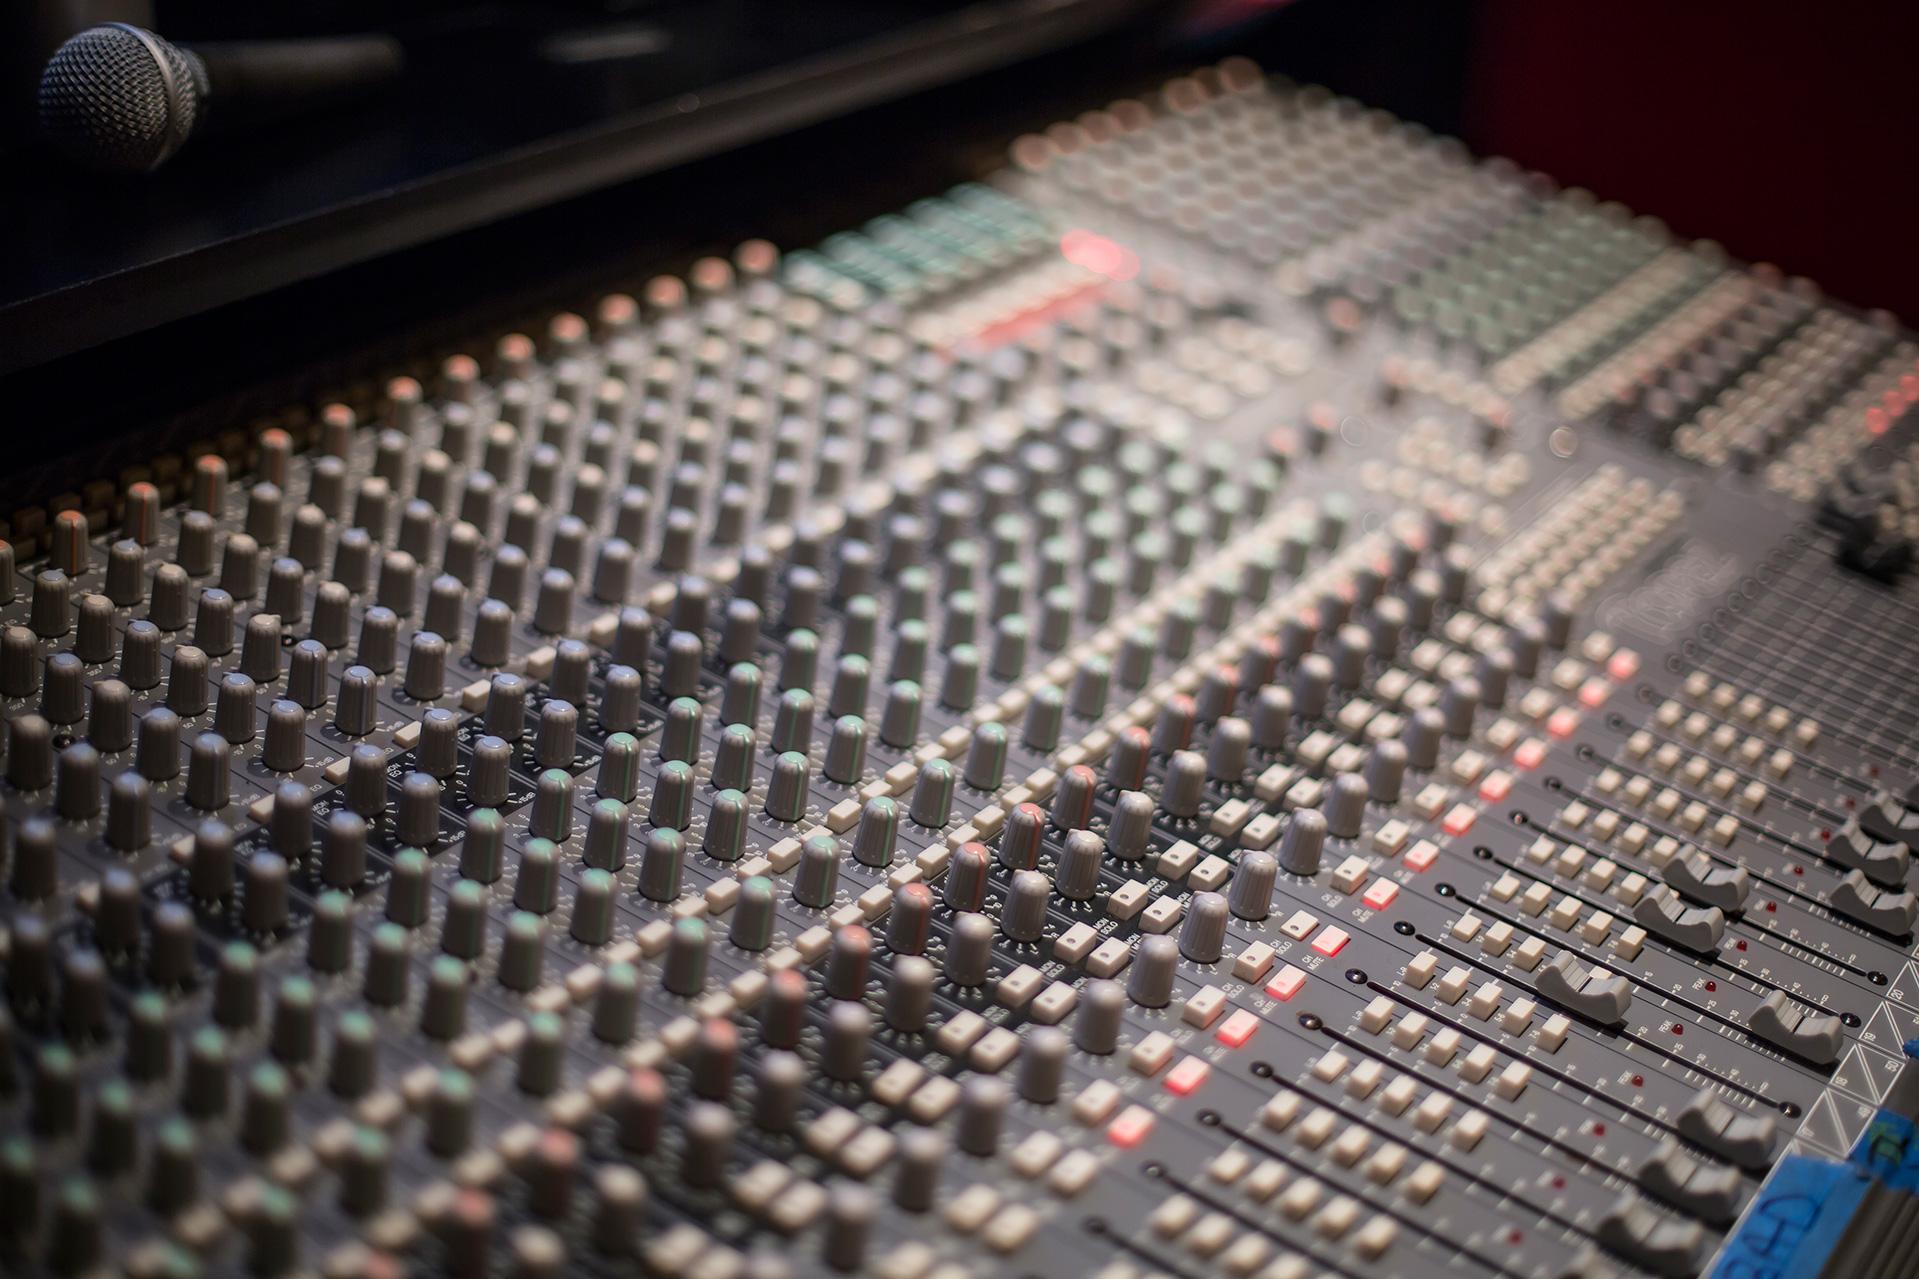 soundtracs-mixing-board-1920